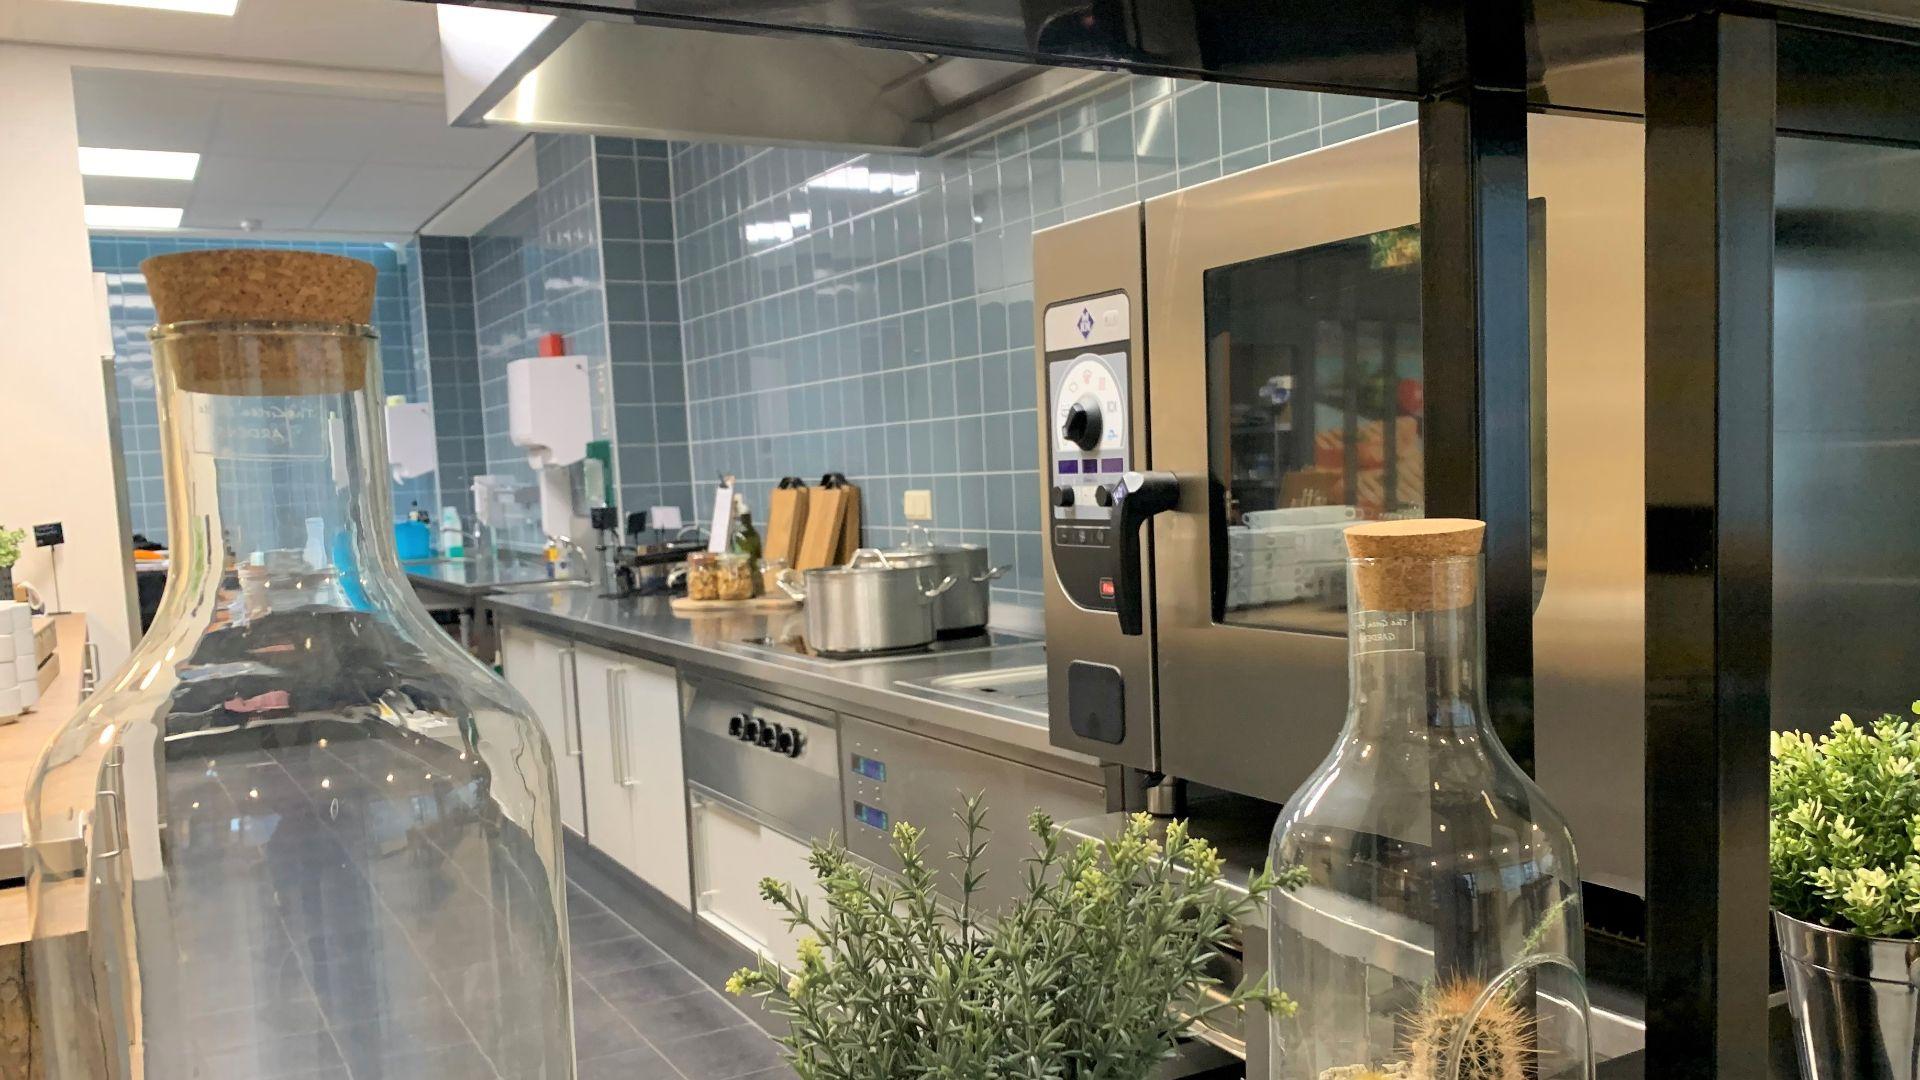 Bedrijfsrestaurant VRGZ